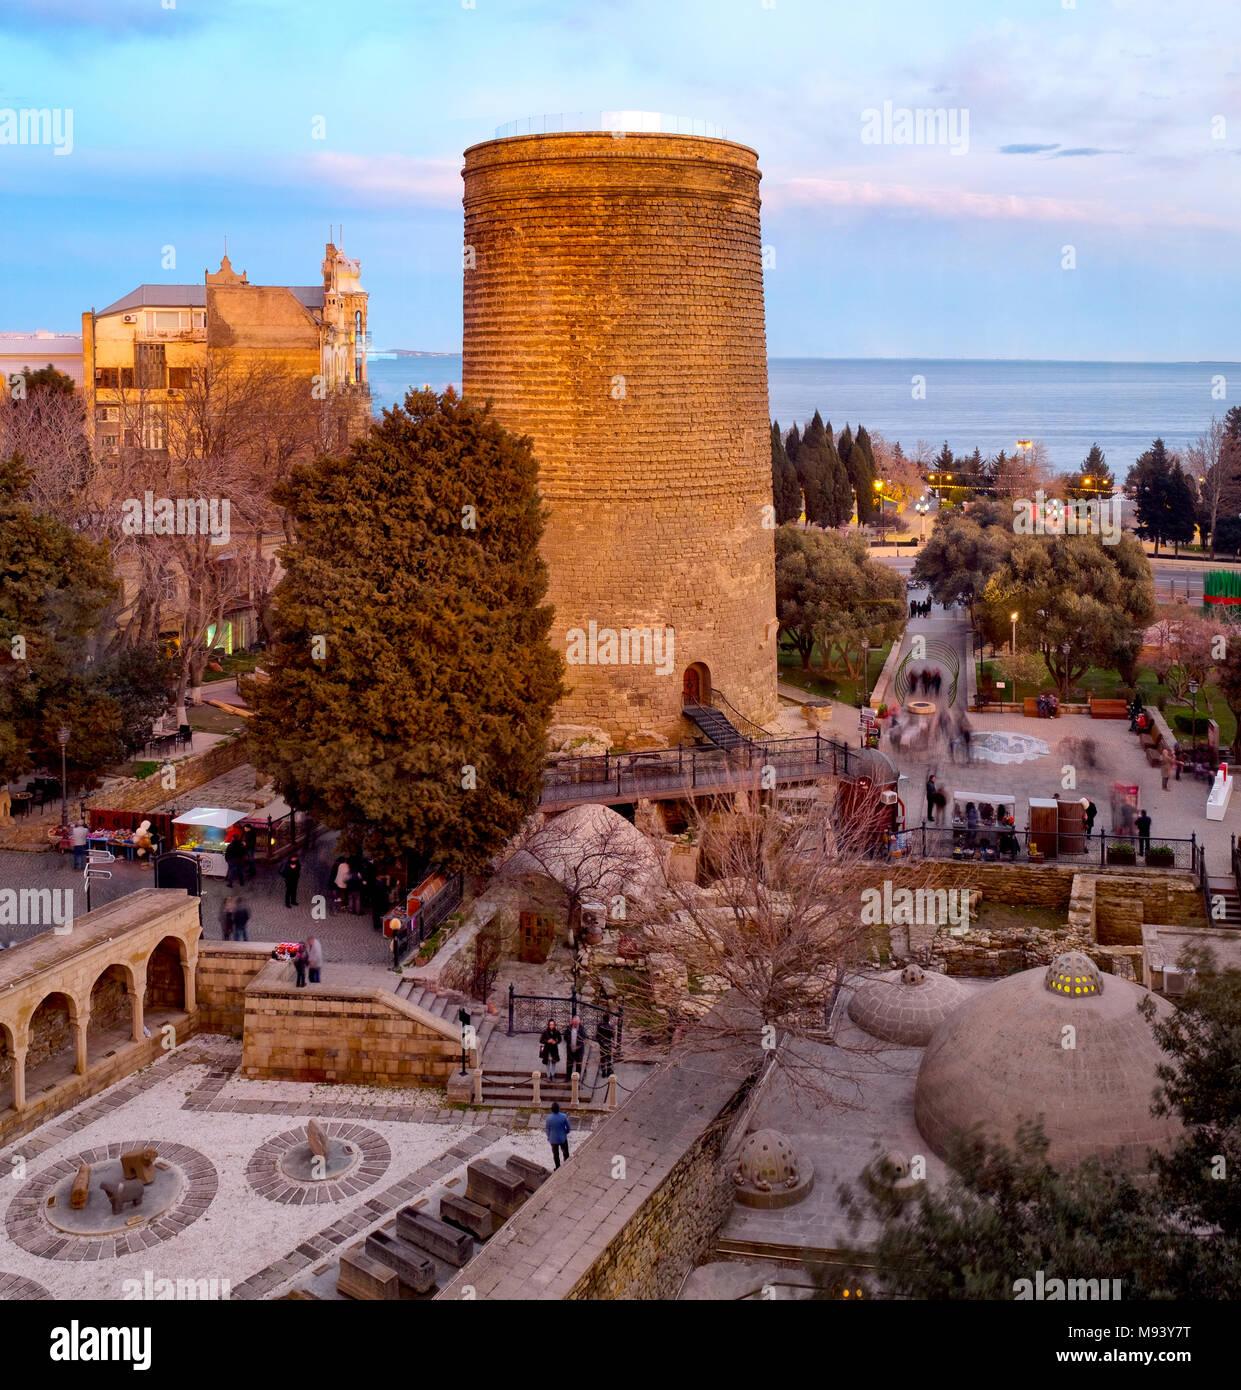 Panoramic view of Maiden Tower and Icheri Sheher, Baku, Azerbaijan - Stock Image